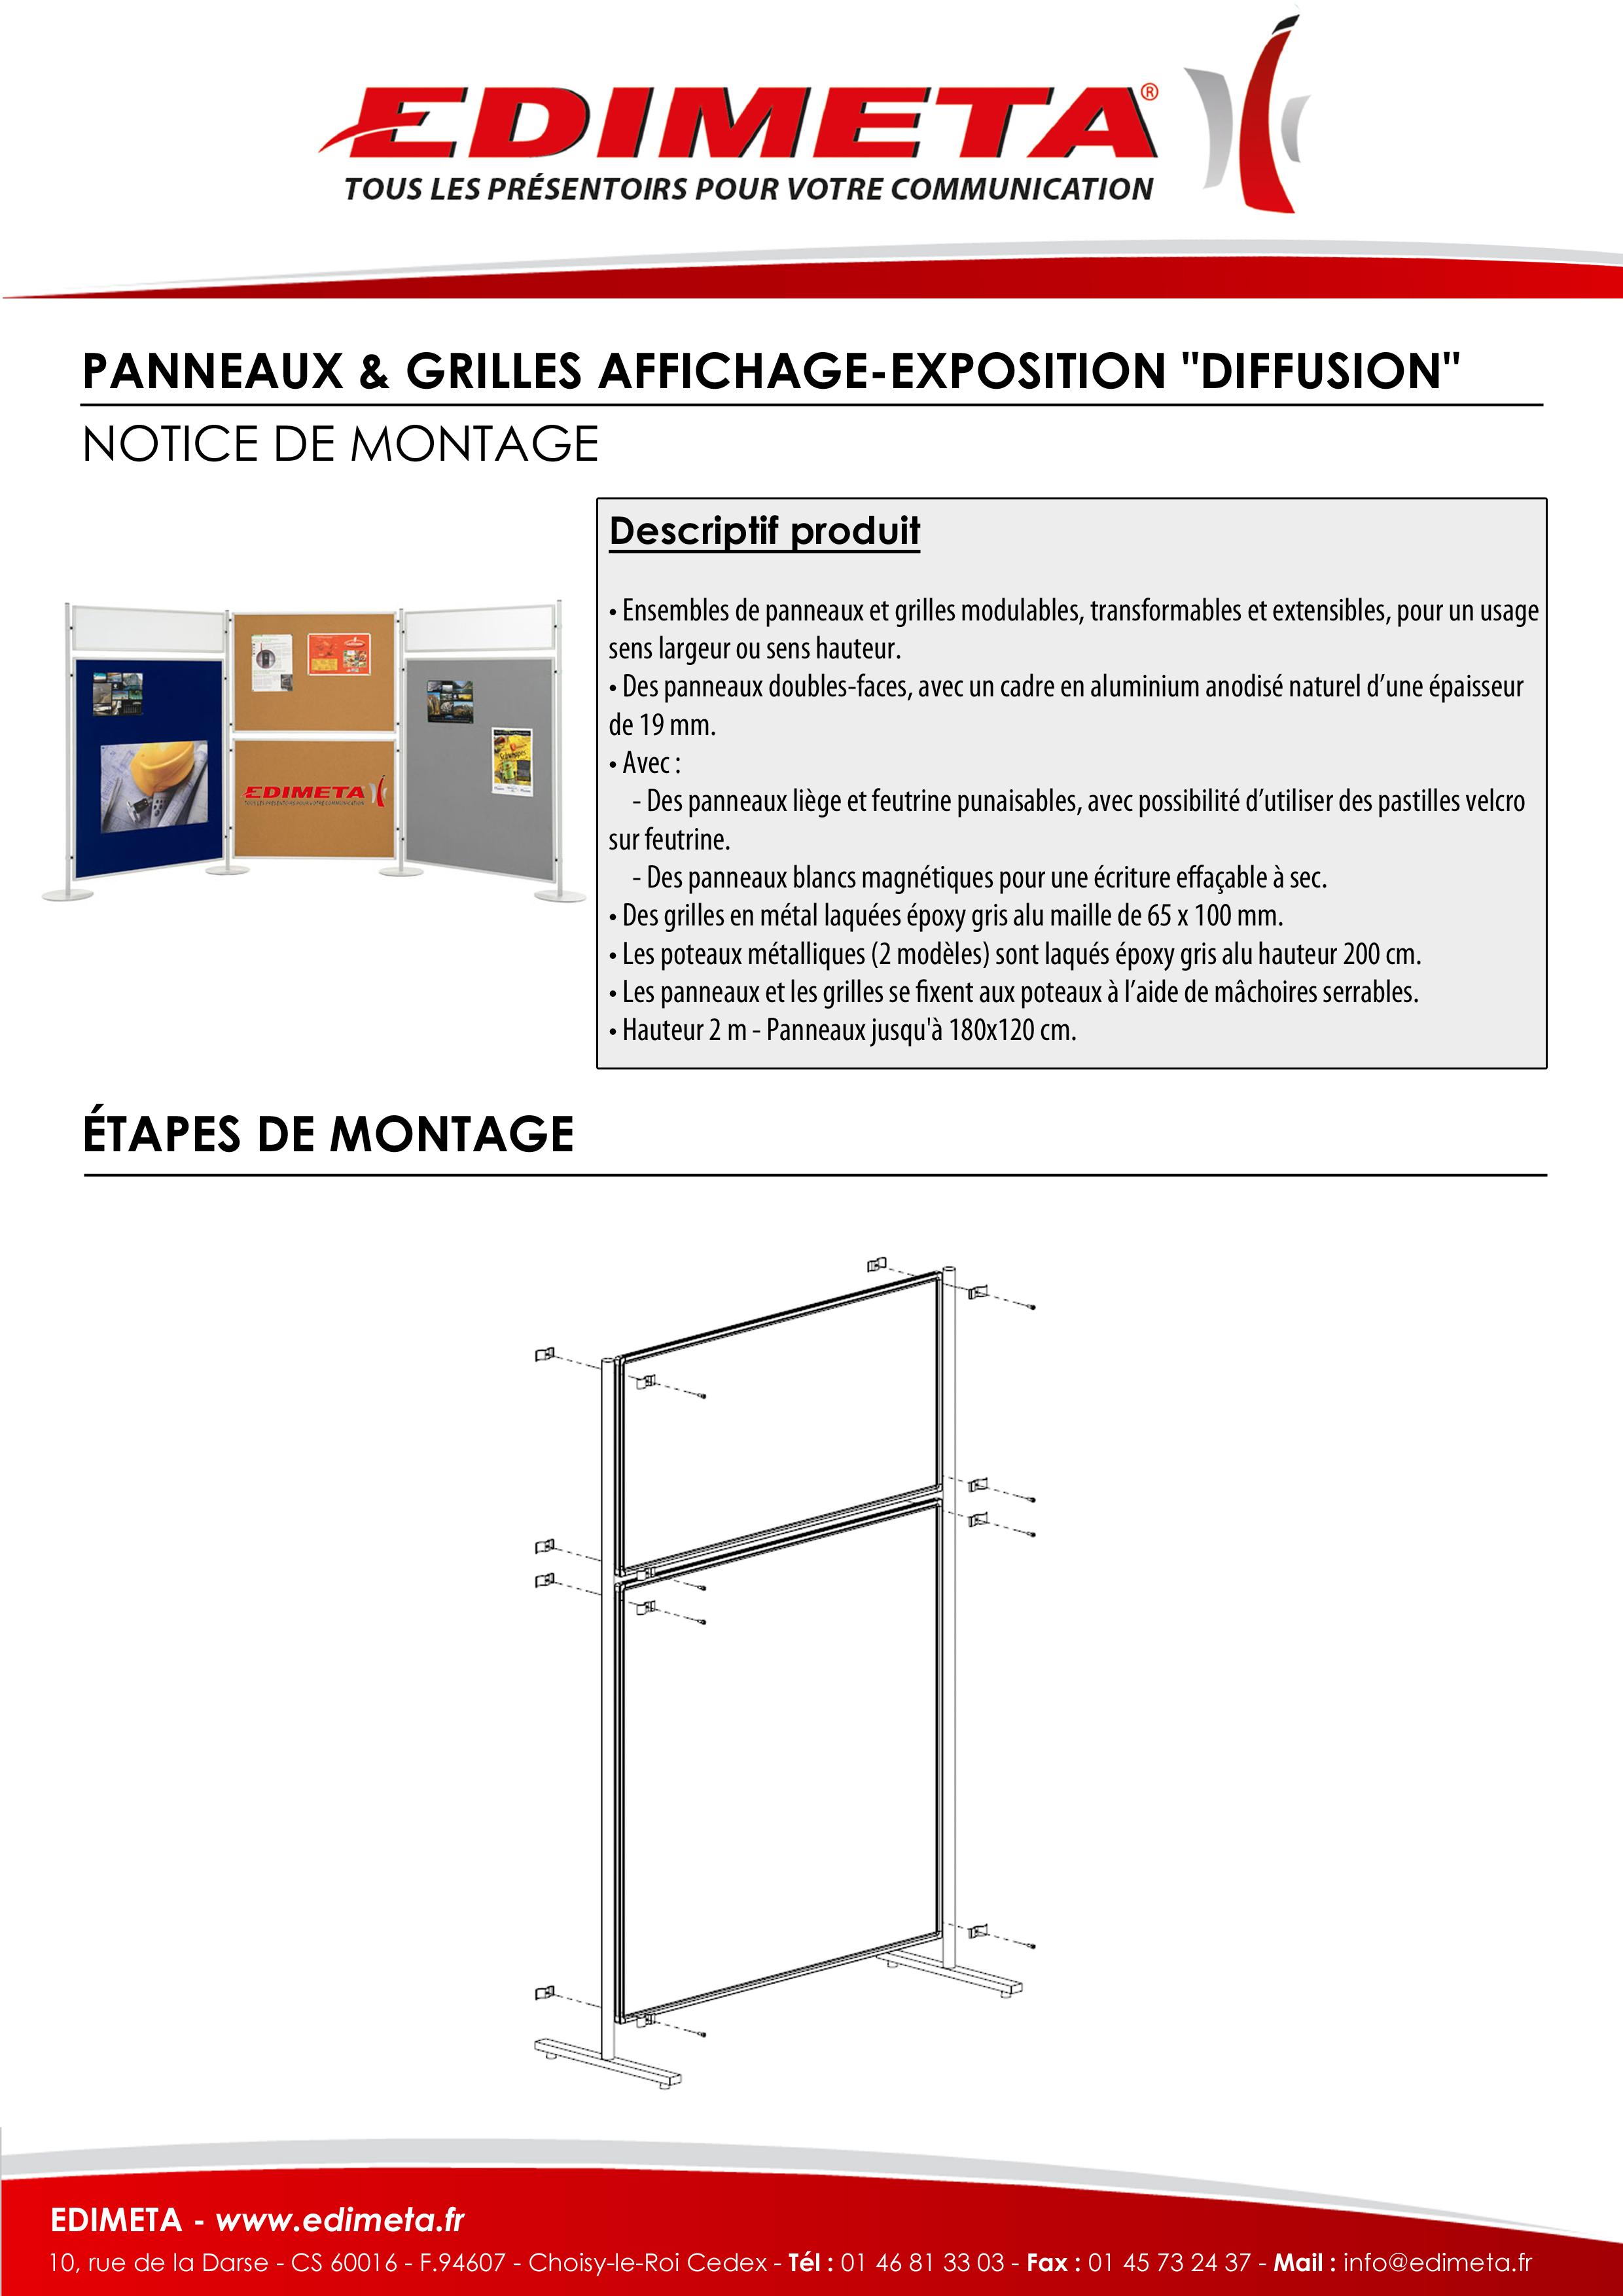 """NOTICE DE MONTAGE : PANNEAUX & GRILLES AFFICHAGE-EXPOSITION """"DIFFUSION"""""""